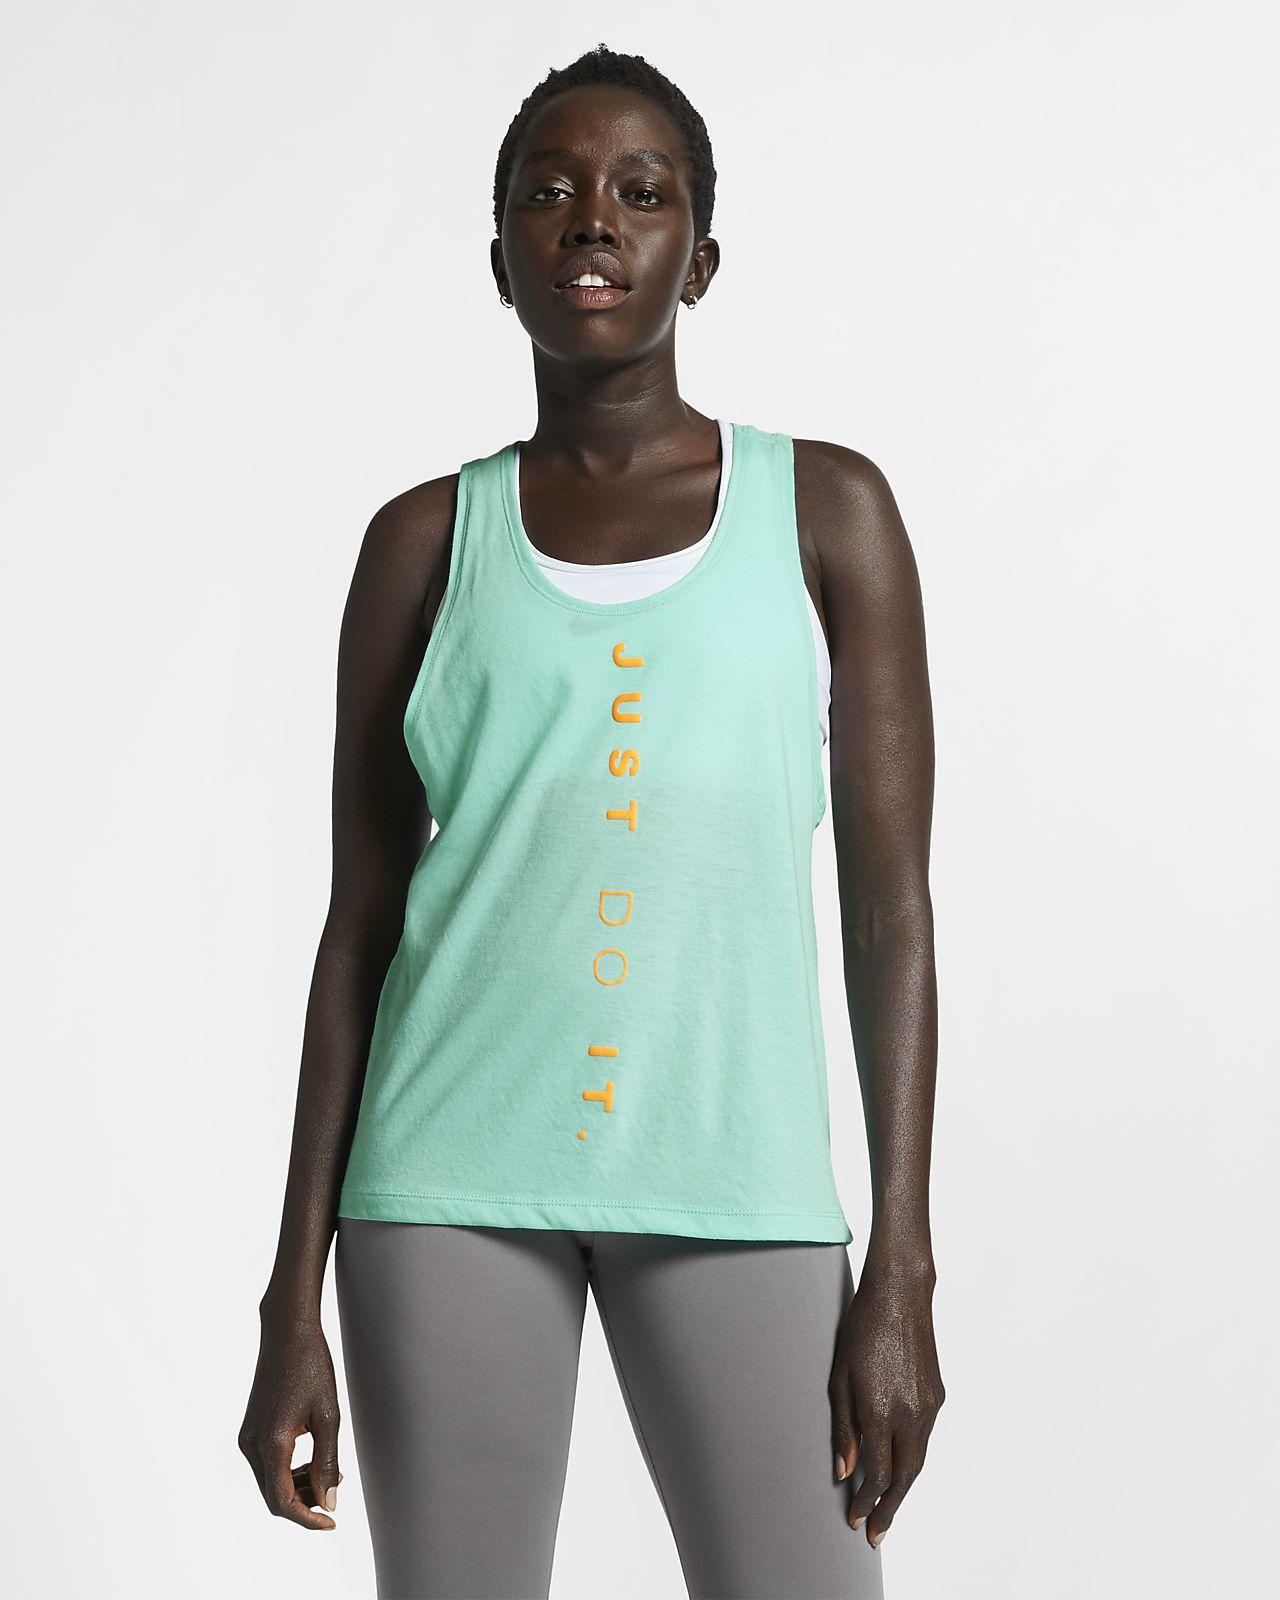 Γυναικείο φανελάκι για τρέξιμο Nike Dri-FIT Miler